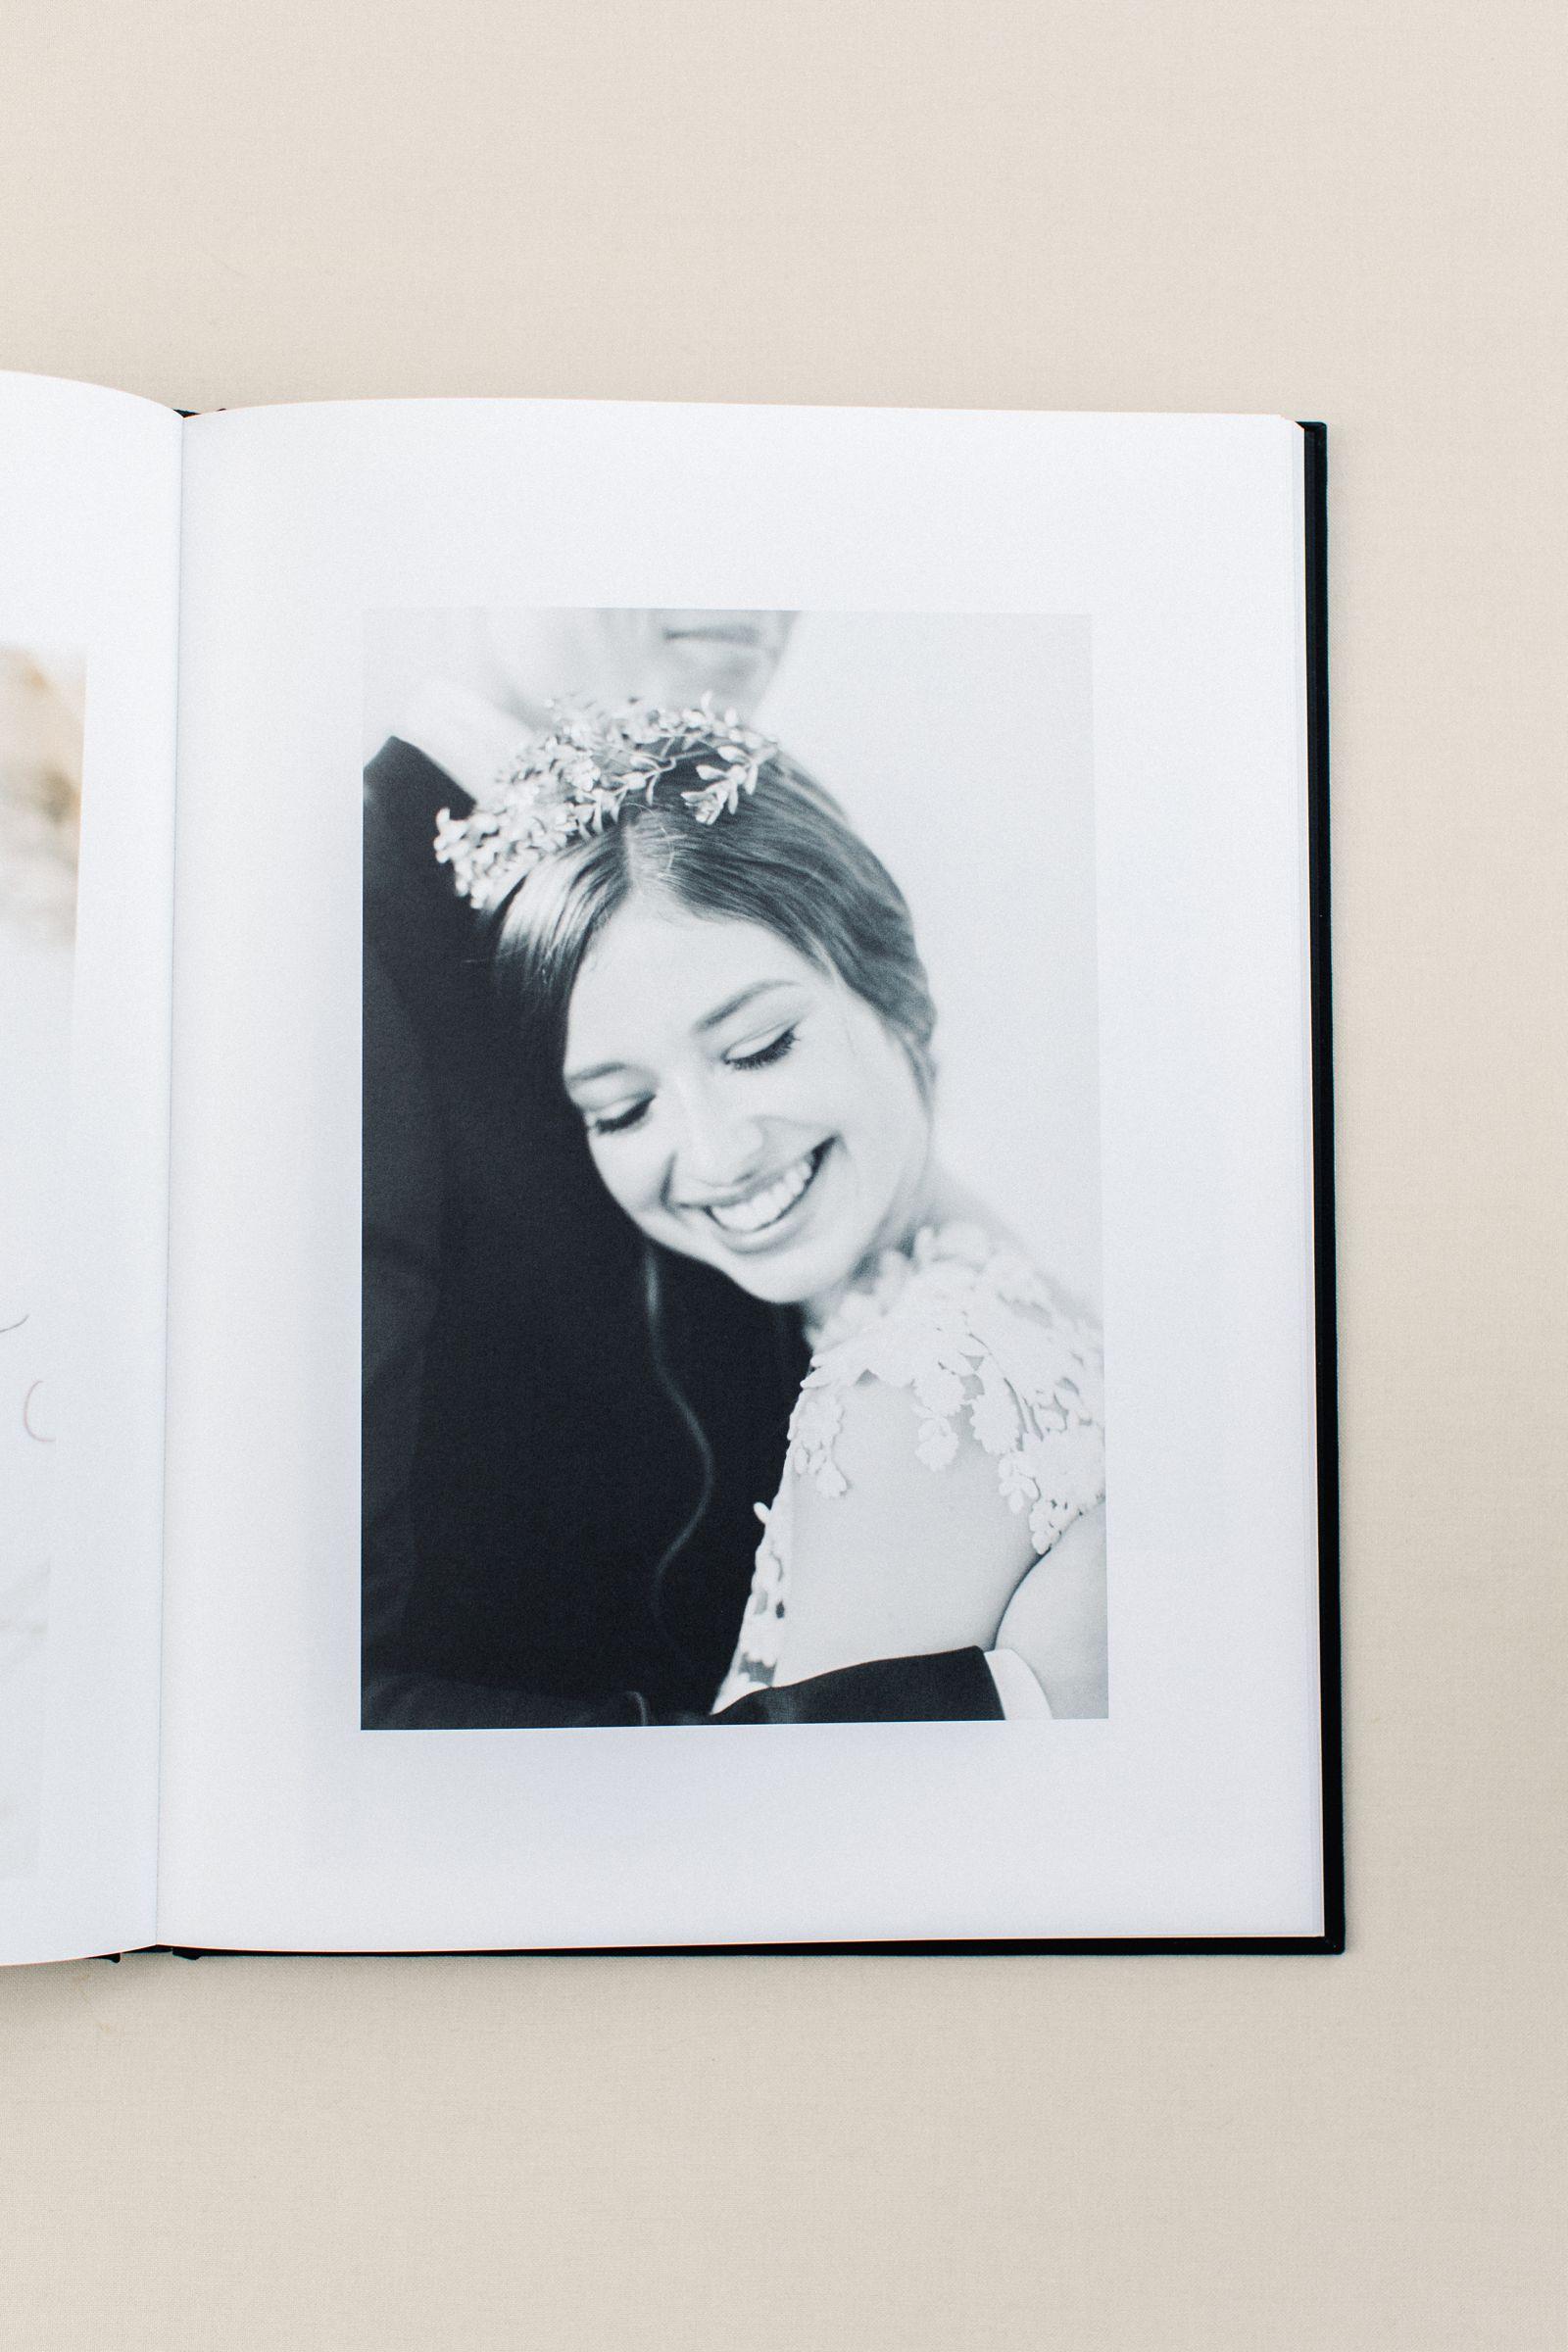 Ewigmein-Fine-Art-Hochzeitsfotografie-Hochzeitsalbum-edel-goldene-prägung-hochwertig-leinenstoff_5454